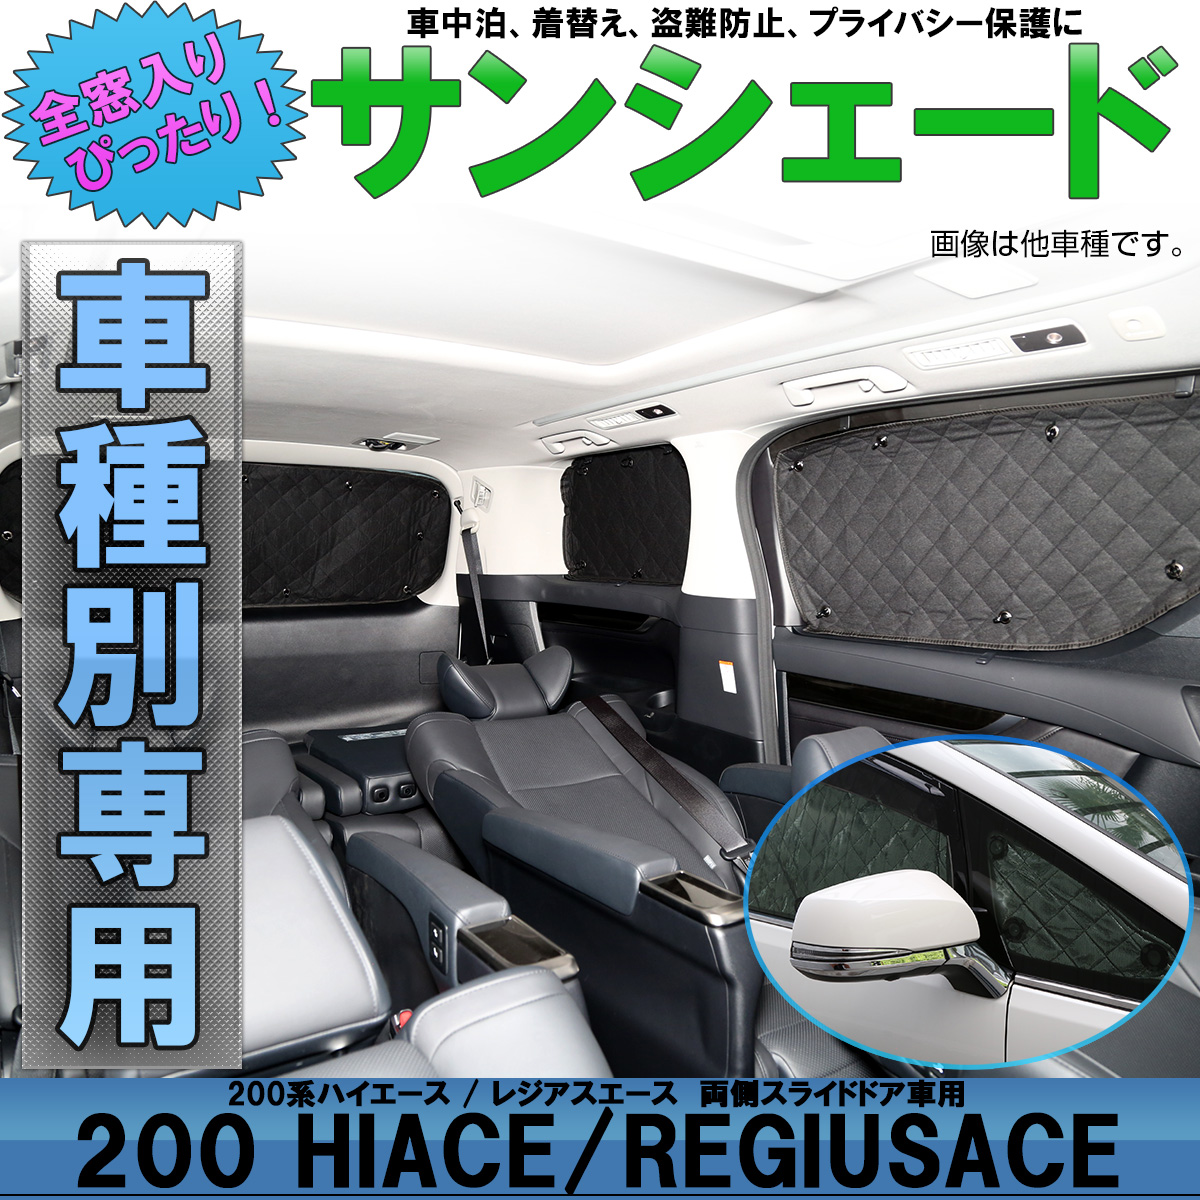 トヨタ 200系 ハイエース | レジアスエース専用 サンシェード キット ブラック 1型 2型 3型 4型 5型 標準ボディ 両側スライドドア S-178